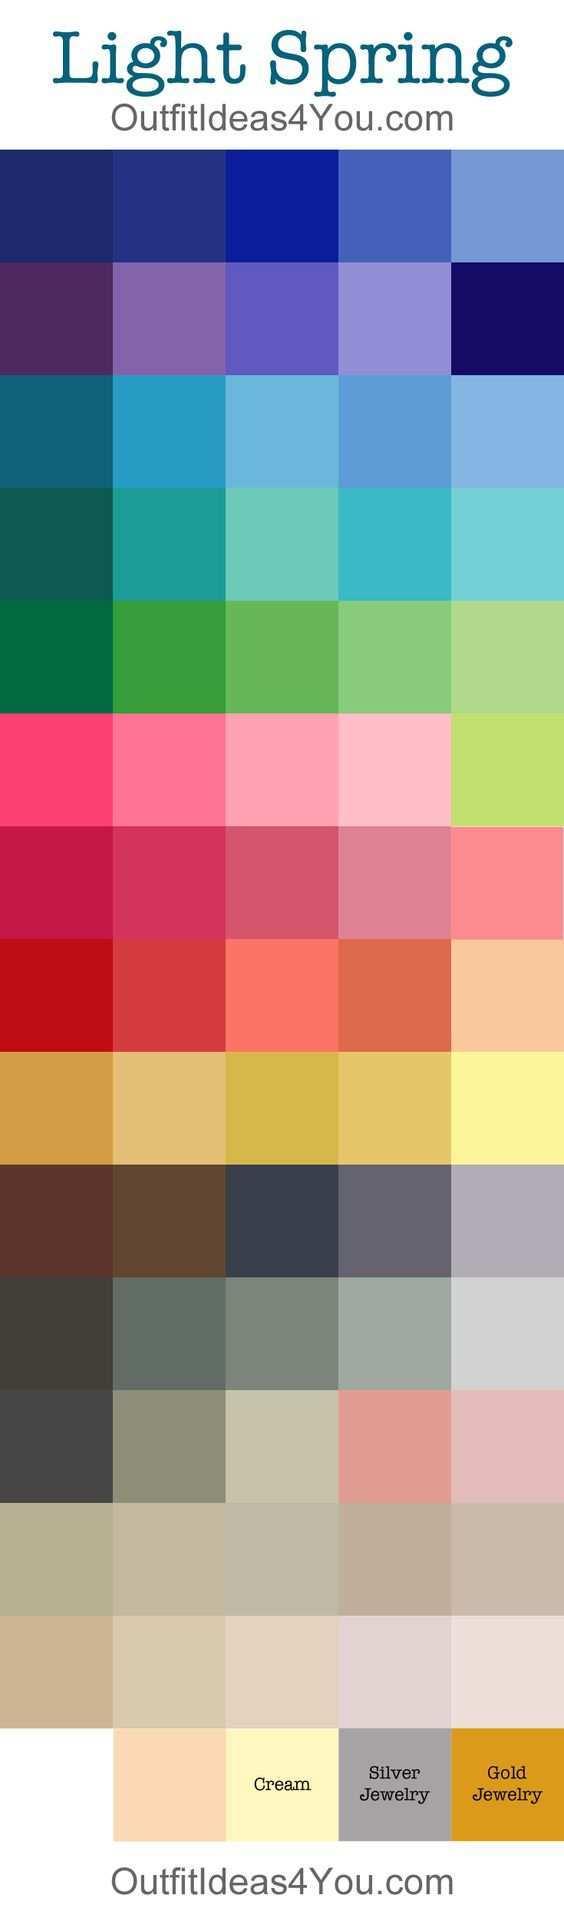 Zur Farbpalette Des Fruhlings Gehoren Ausschliesslich Warme Farben Die Leichte Feder Fruhlingsfarben Farben